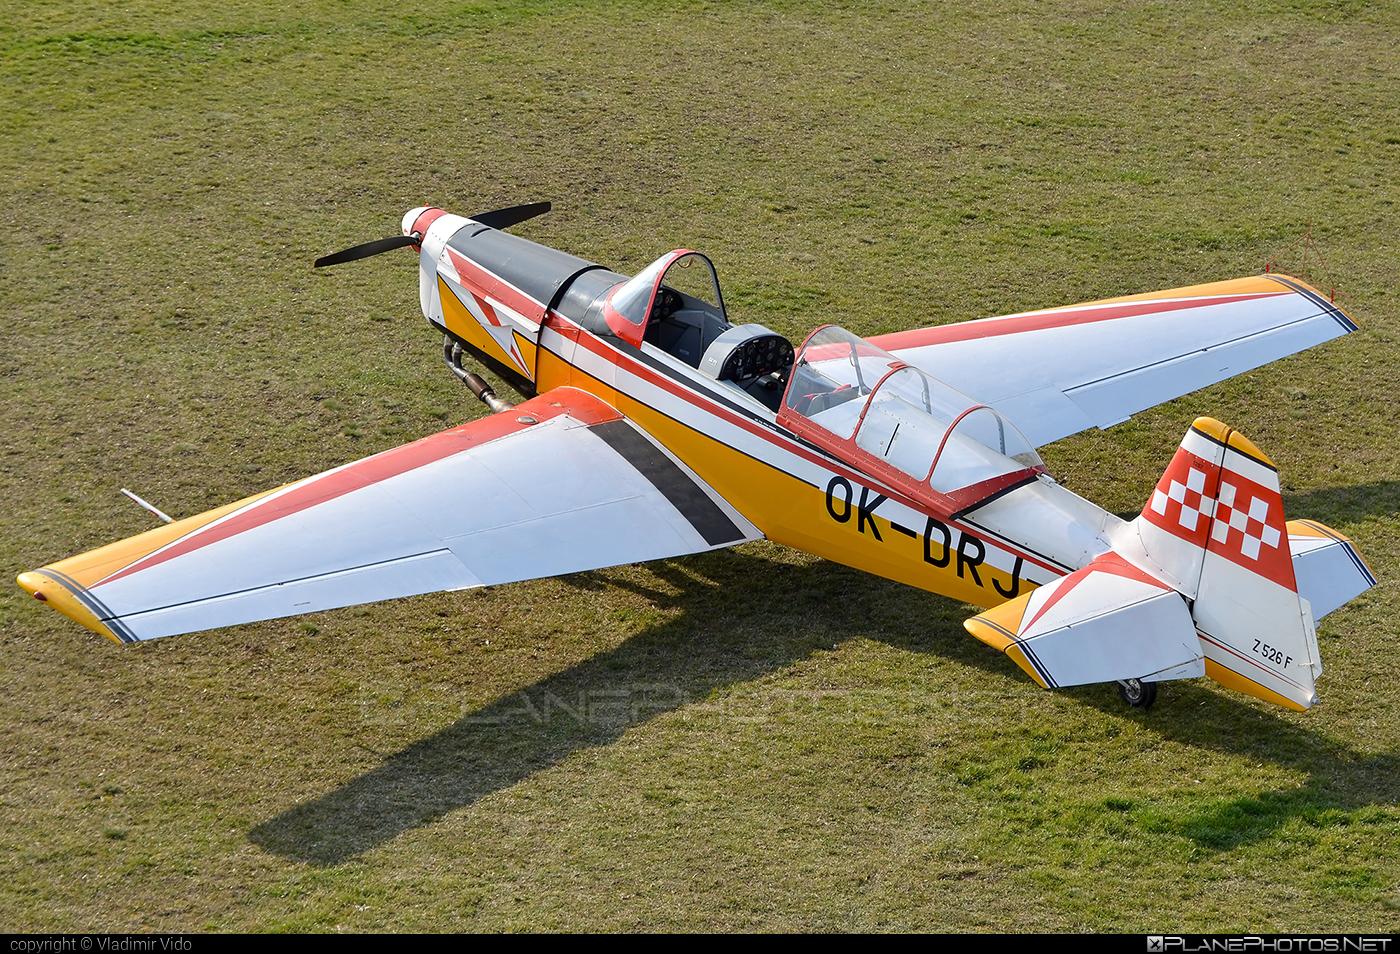 Zlin Z-526F Trenér Master - OK-DRJ operated by Private operator #trenermaster #z526 #z526trenermaster #zlin #zlin526